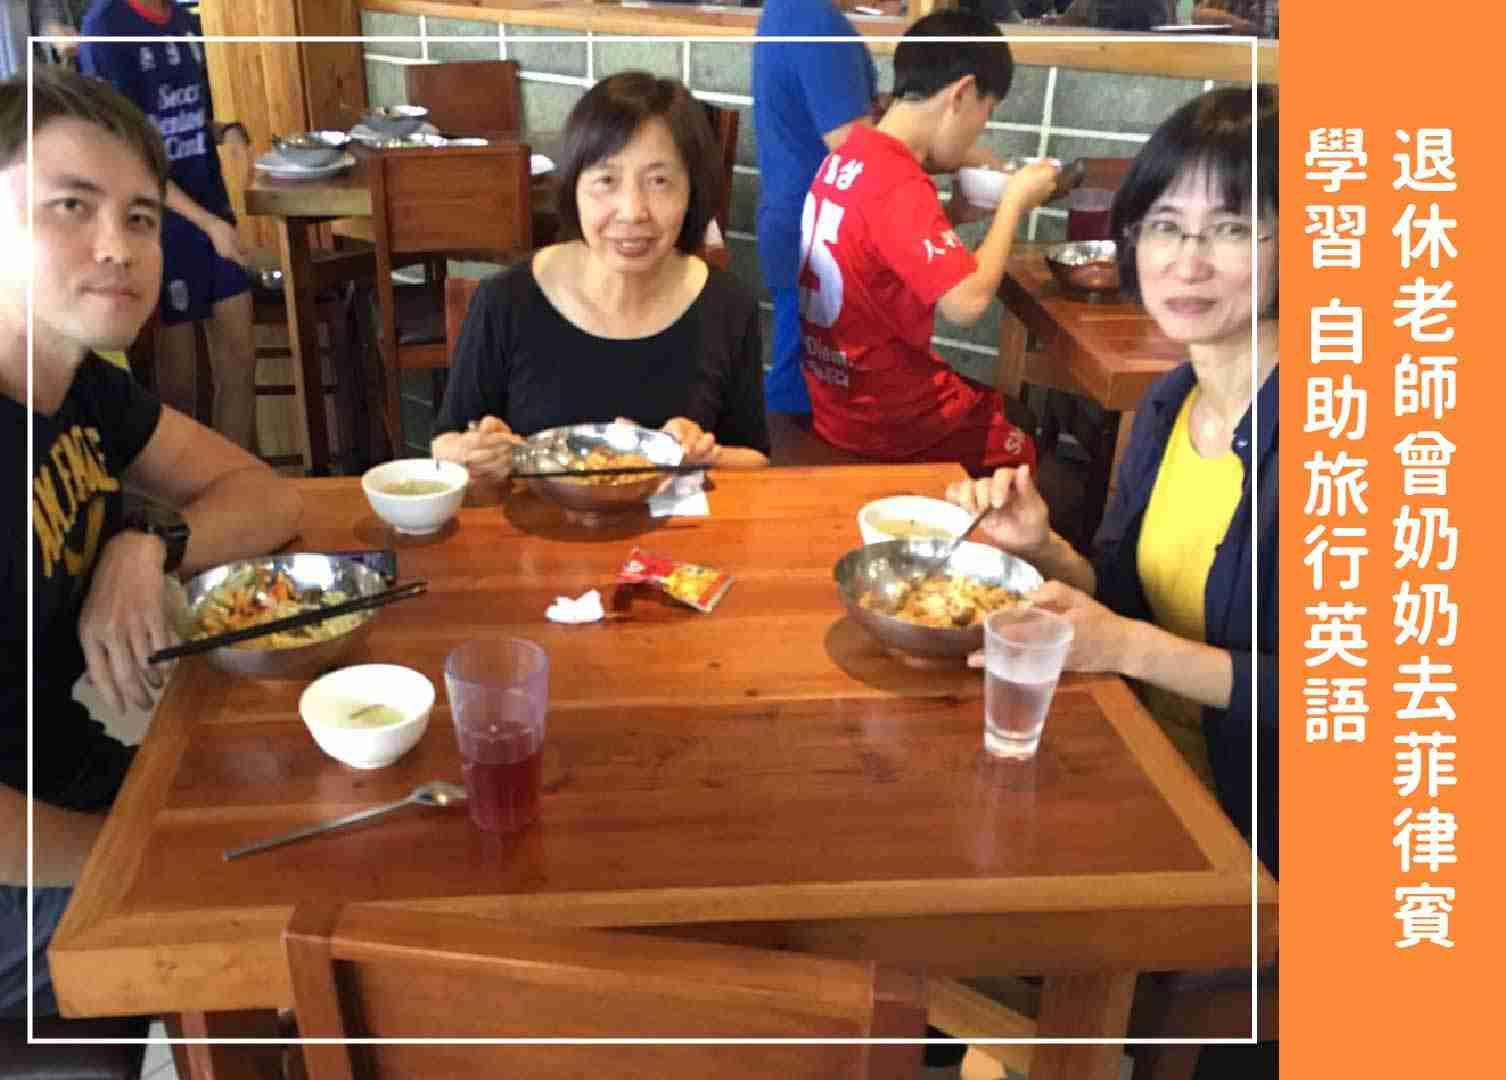 【菲律賓遊學心得】退休老師曾奶奶在菲律賓學『自助旅遊英語』